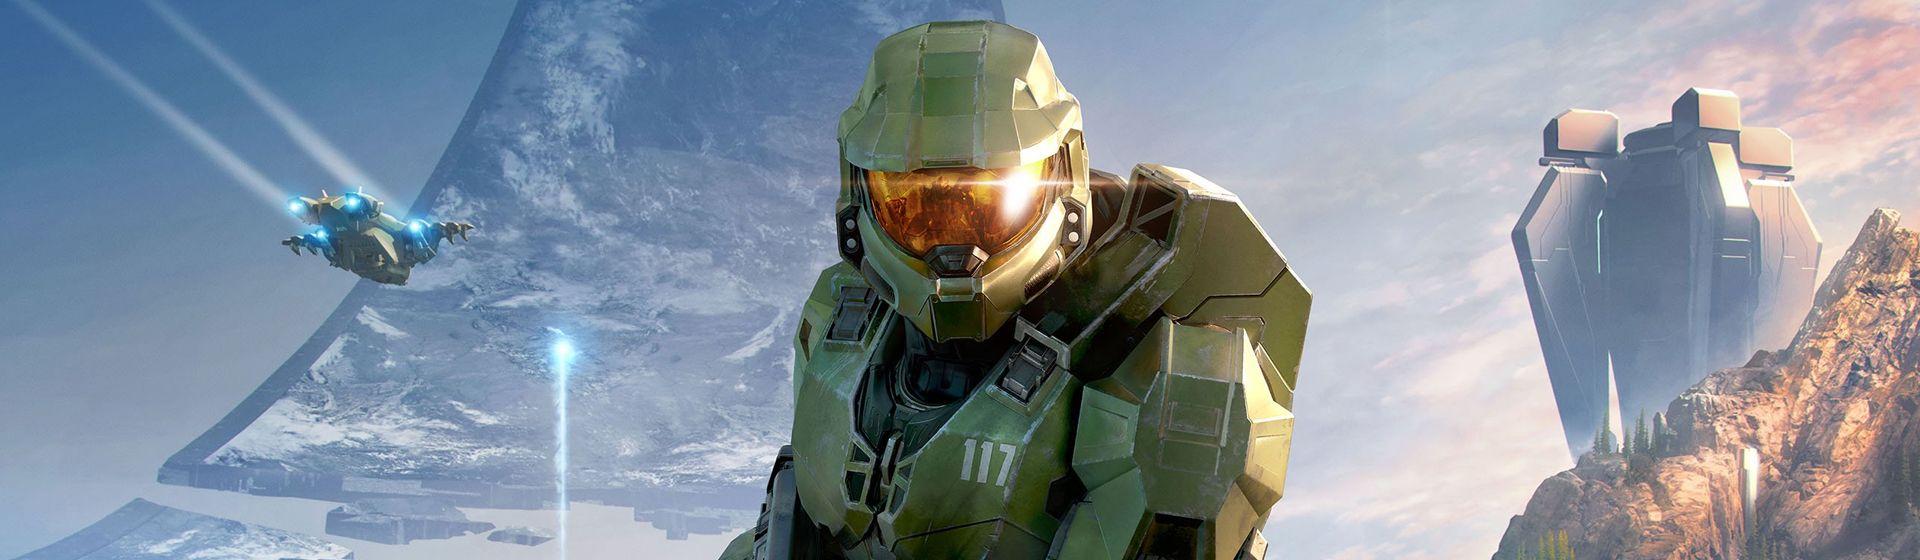 Halo Infinite é adiado; novo lançamento será no final de 2021